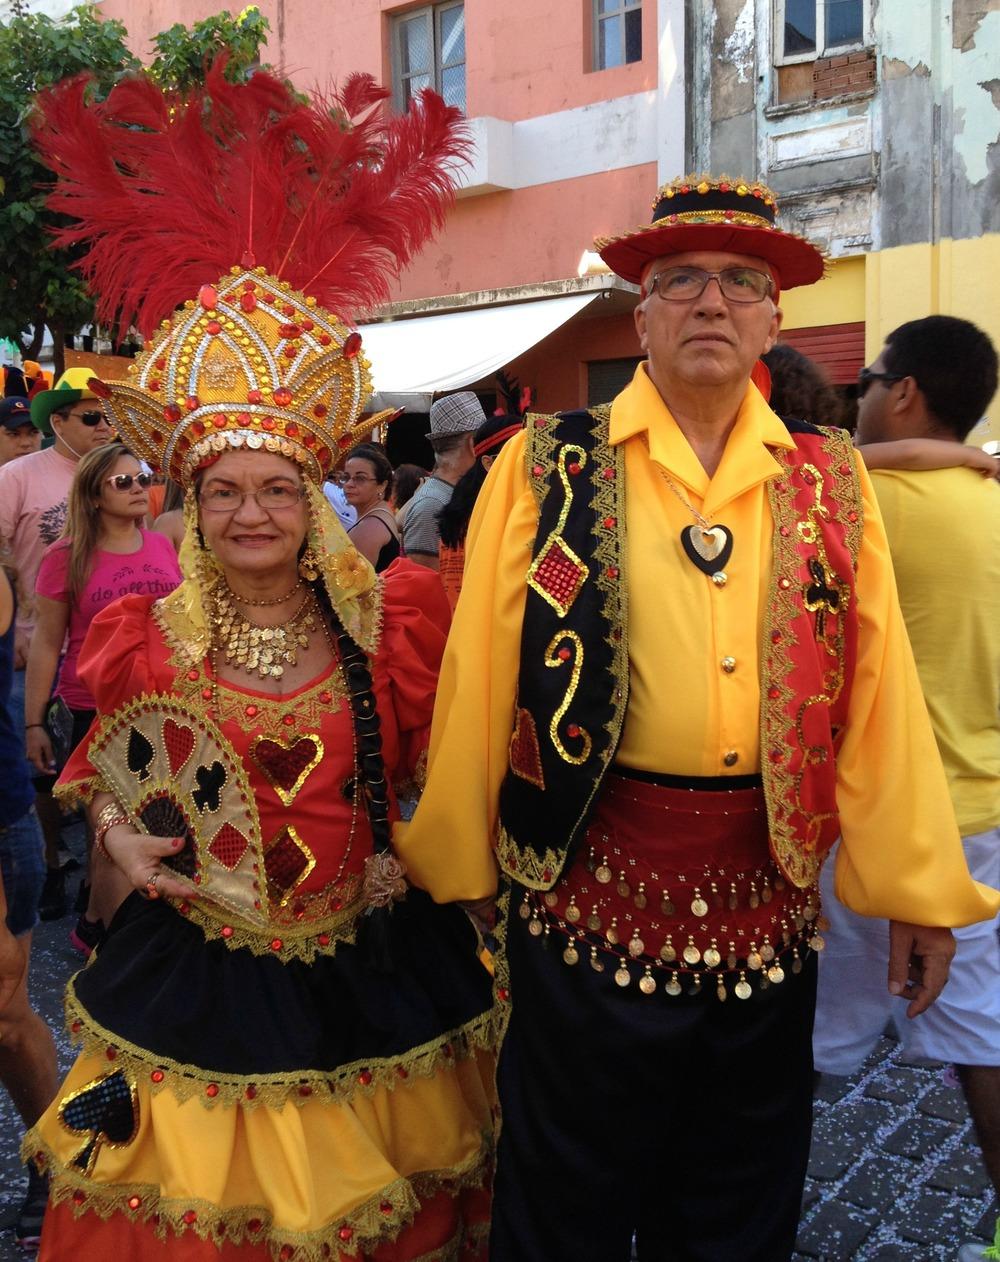 Participantes de un bloco de Frevo en Recife Antiguo. Foto: Miosoti Alvarado